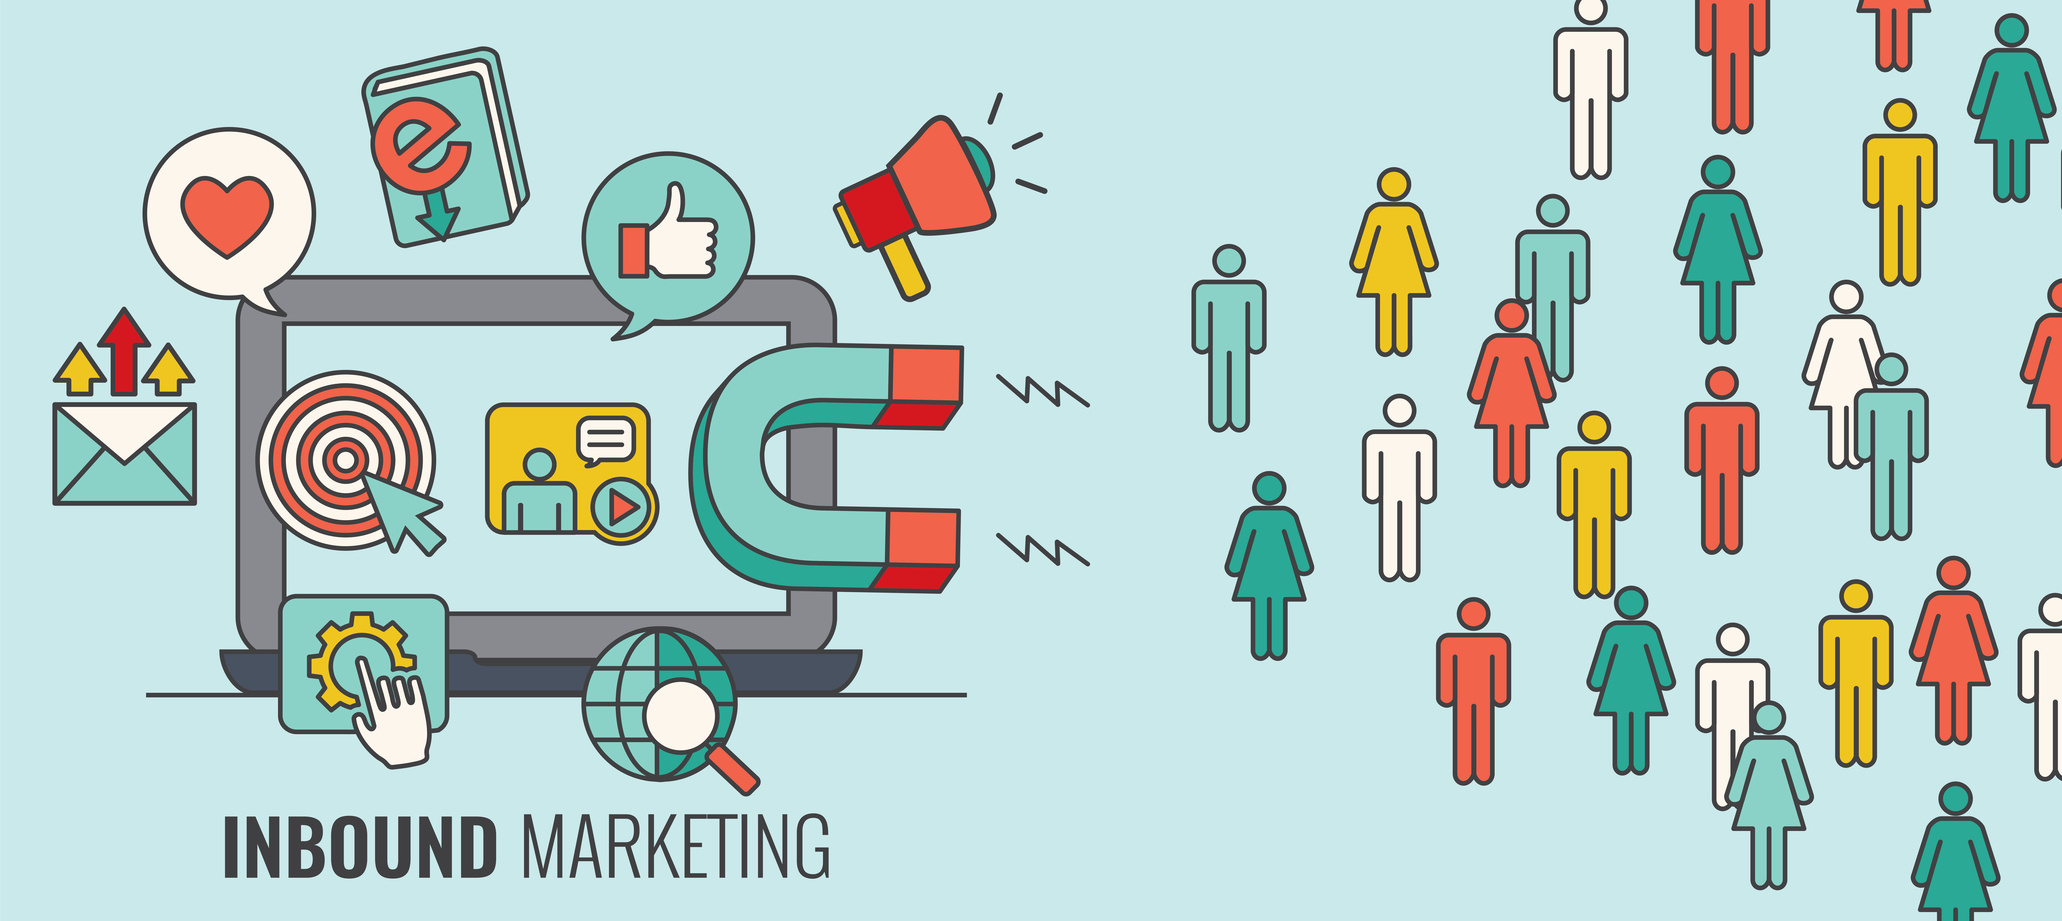 Inbound marketing 2